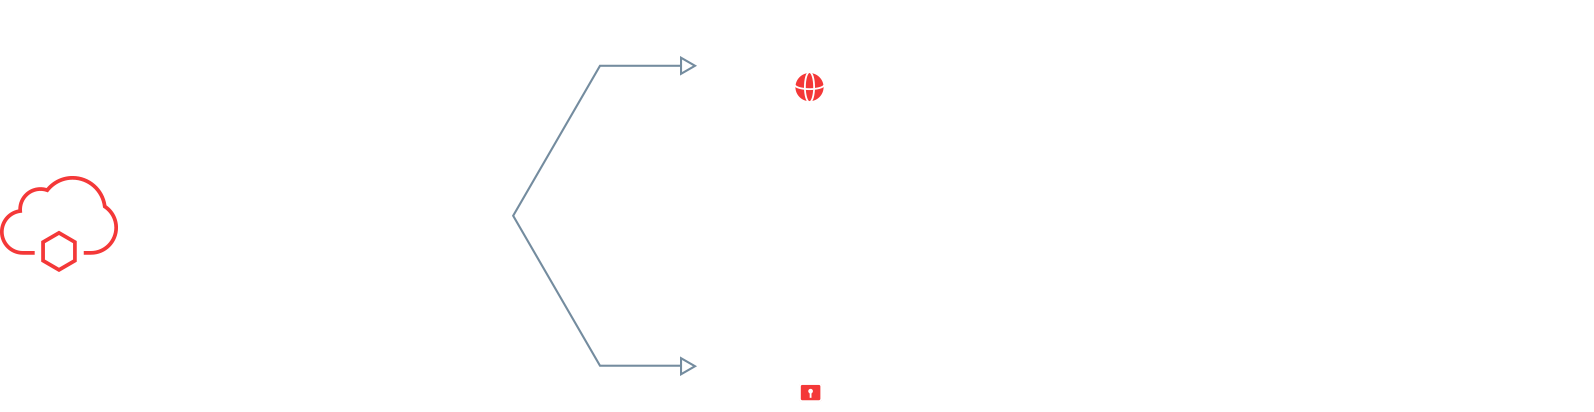 Potete decidere voi stessi se volete aprire la strada alla trasformazione digitale nel cloud pubblico o privato.